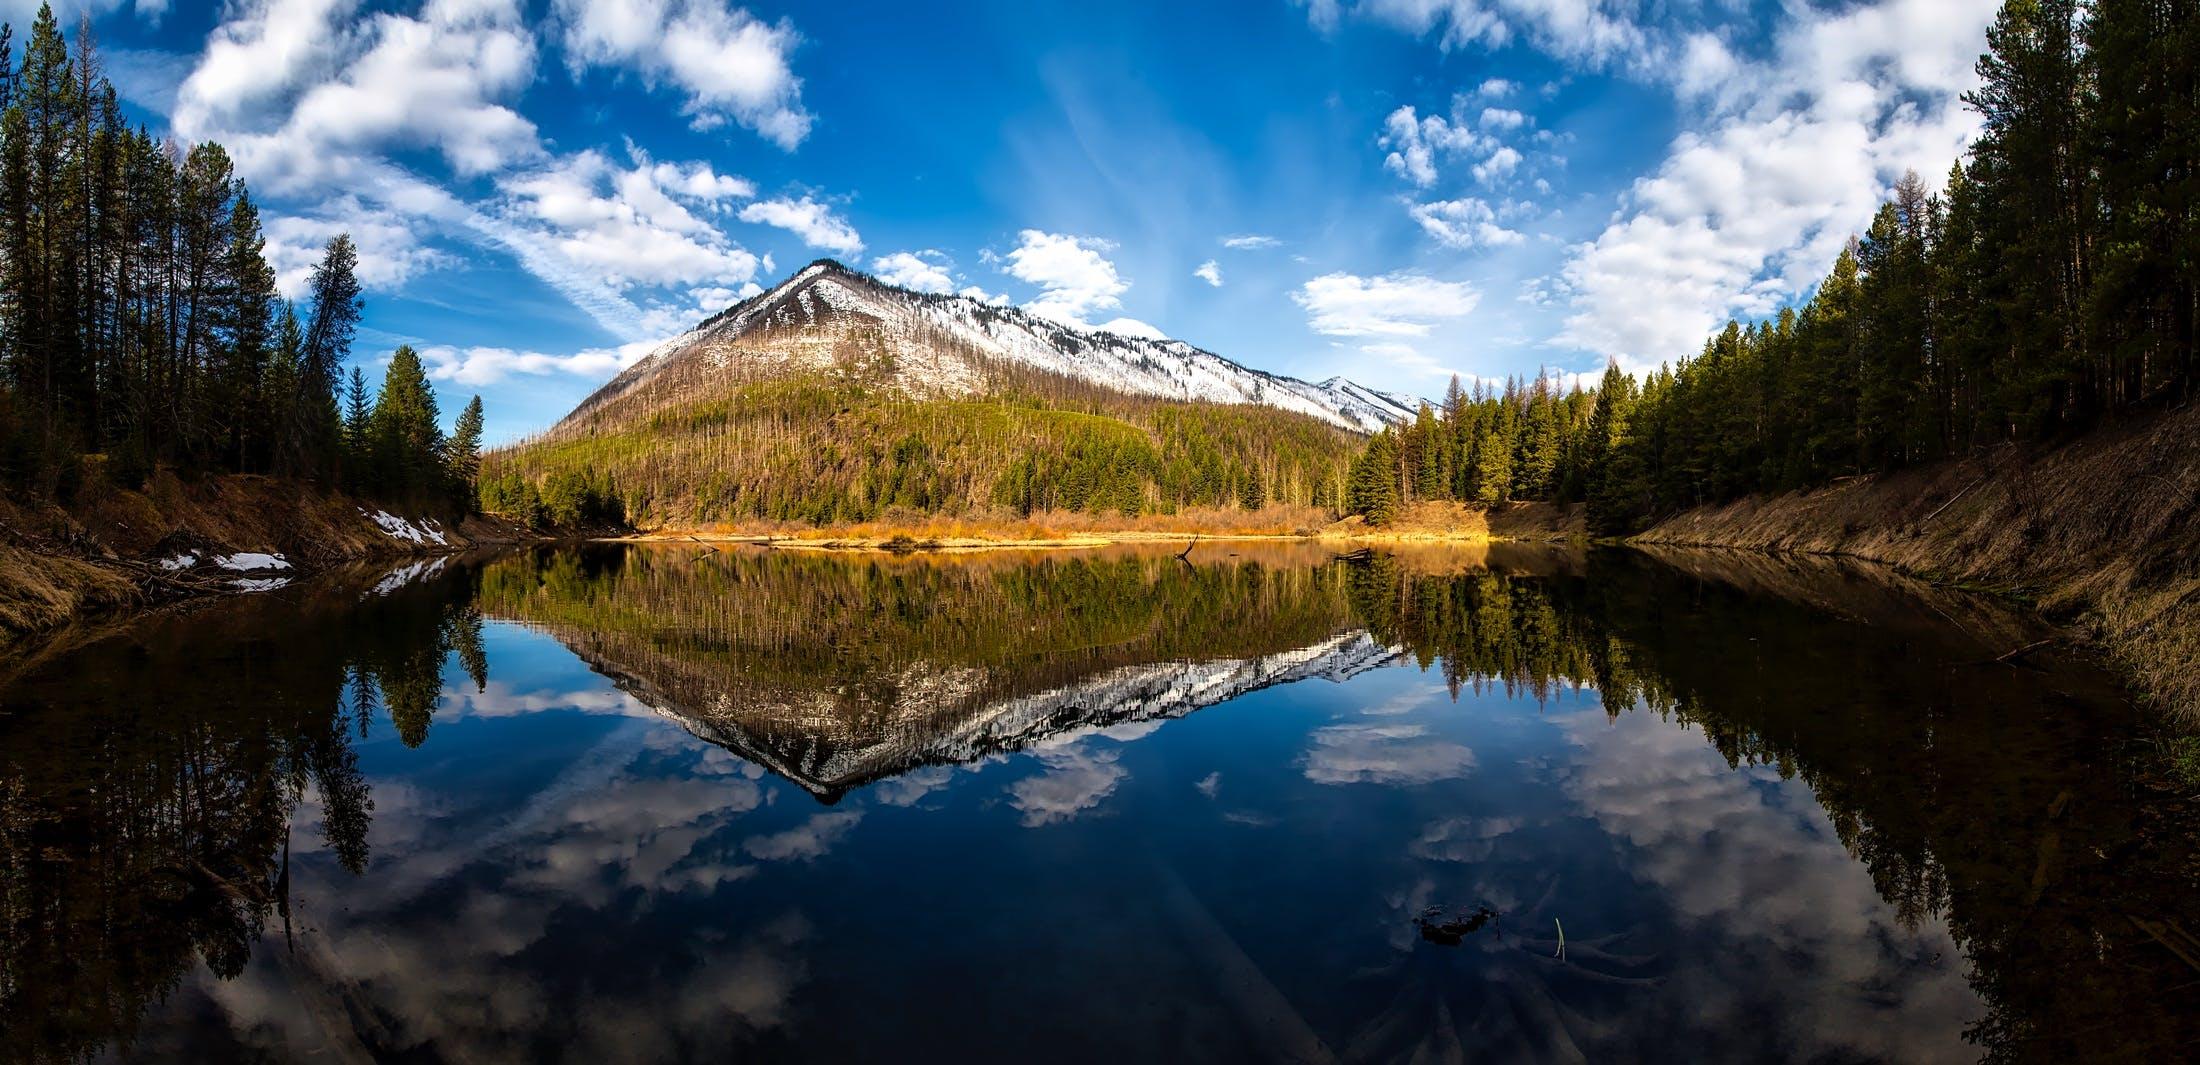 パノラマ, 反射, 山, 平和的の無料の写真素材